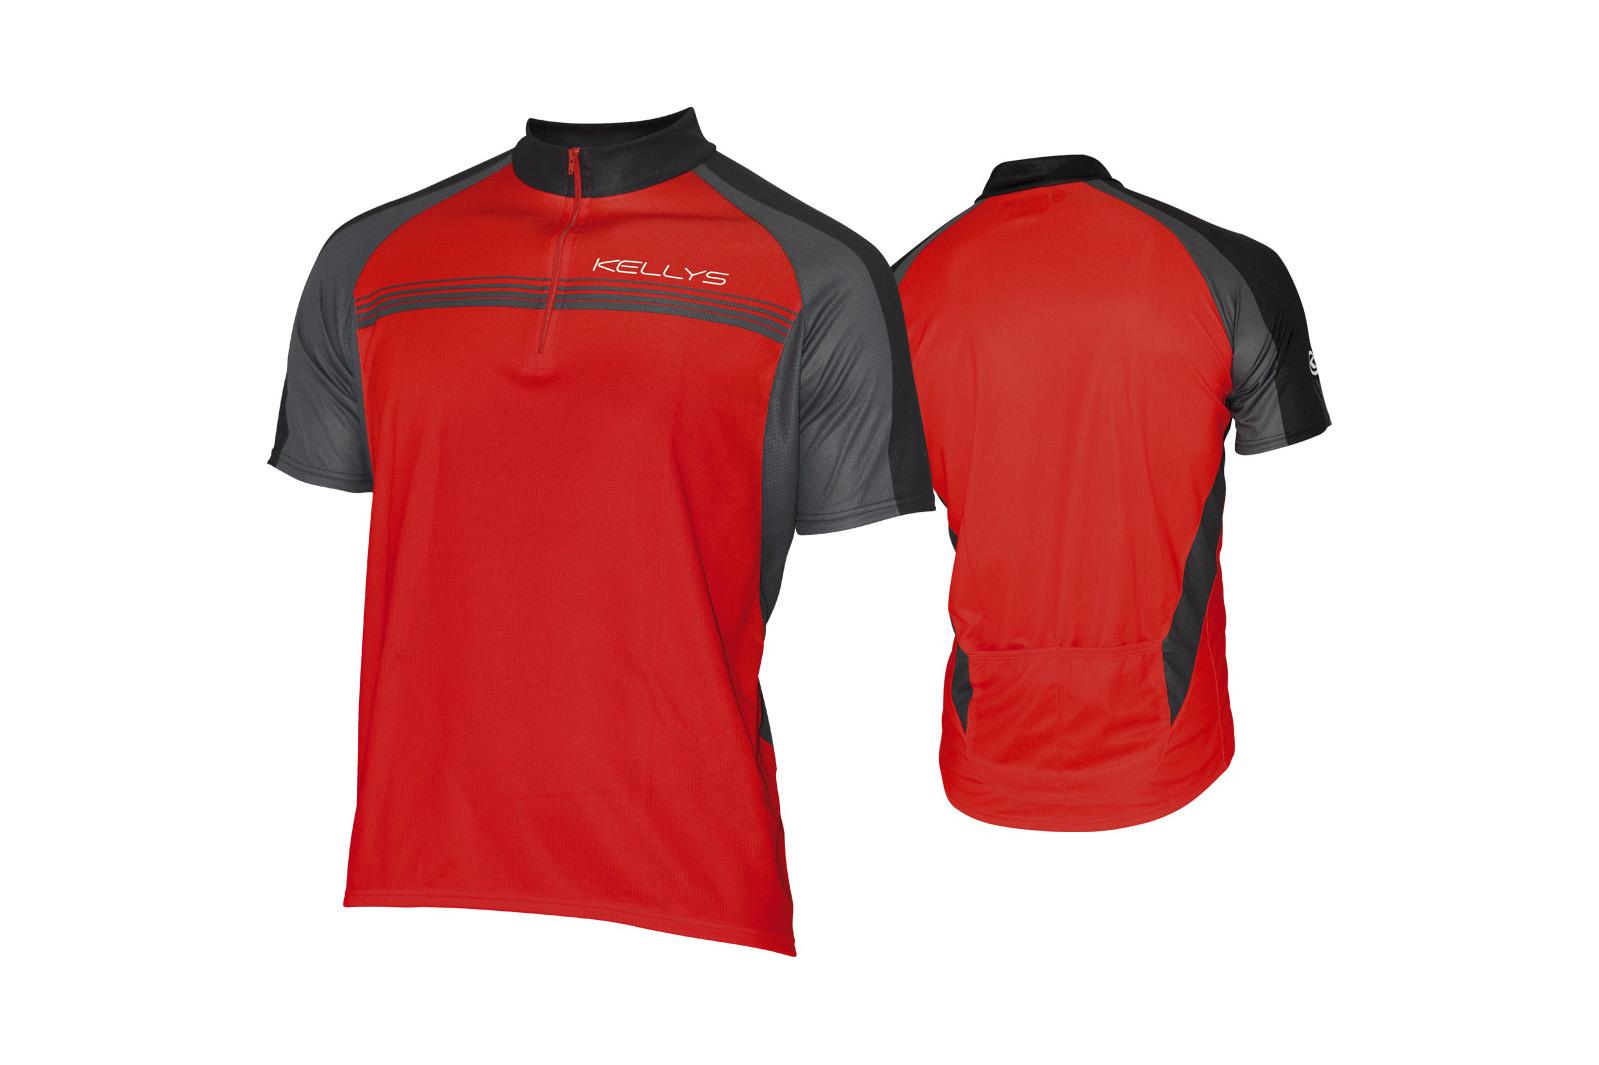 Pánský dres KELLYS PRO Sport, vel. L, červená, krátký rukáv (Pánský cyklistický dres KELLYS, vel. L, krátký rukáv, barva červená dle vyobrazení!)